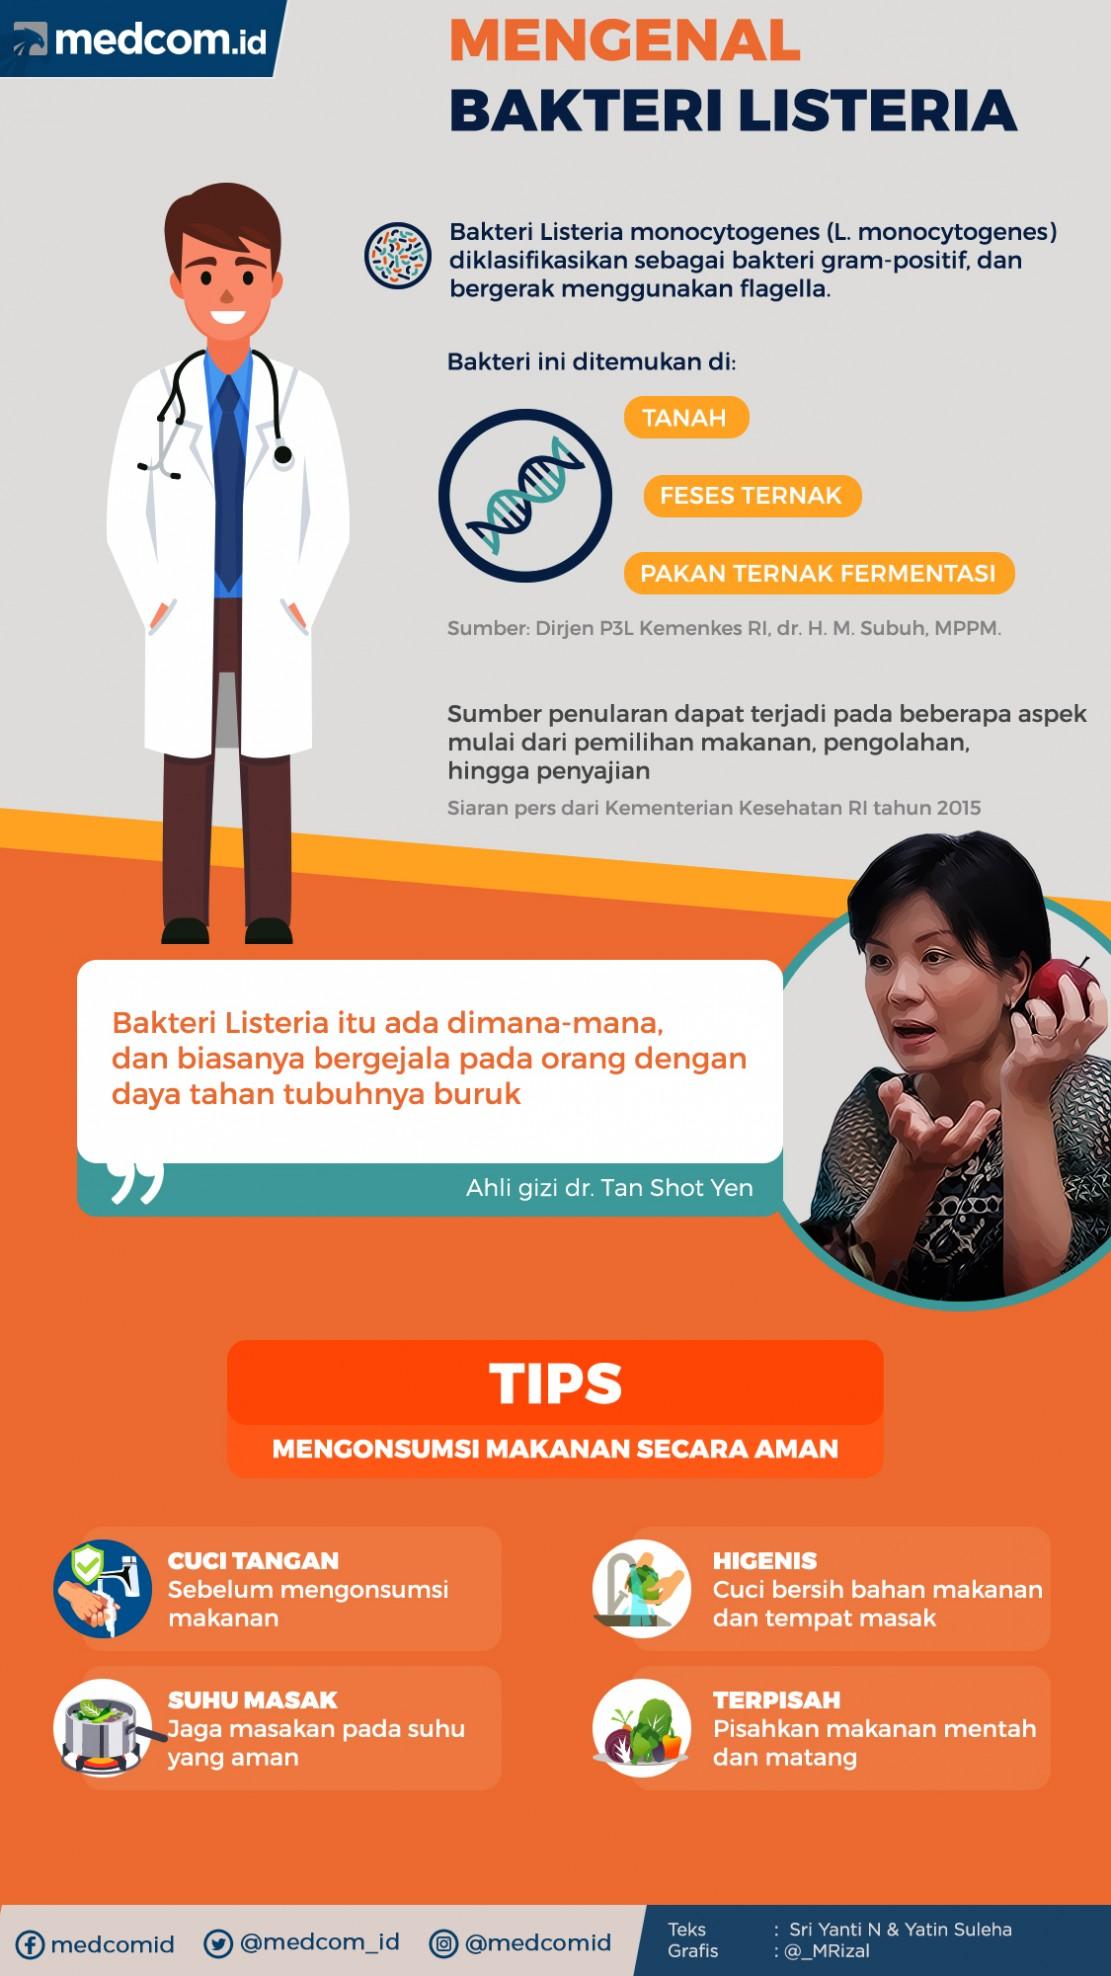 Infografik: Mengenal Bakteri Listeria